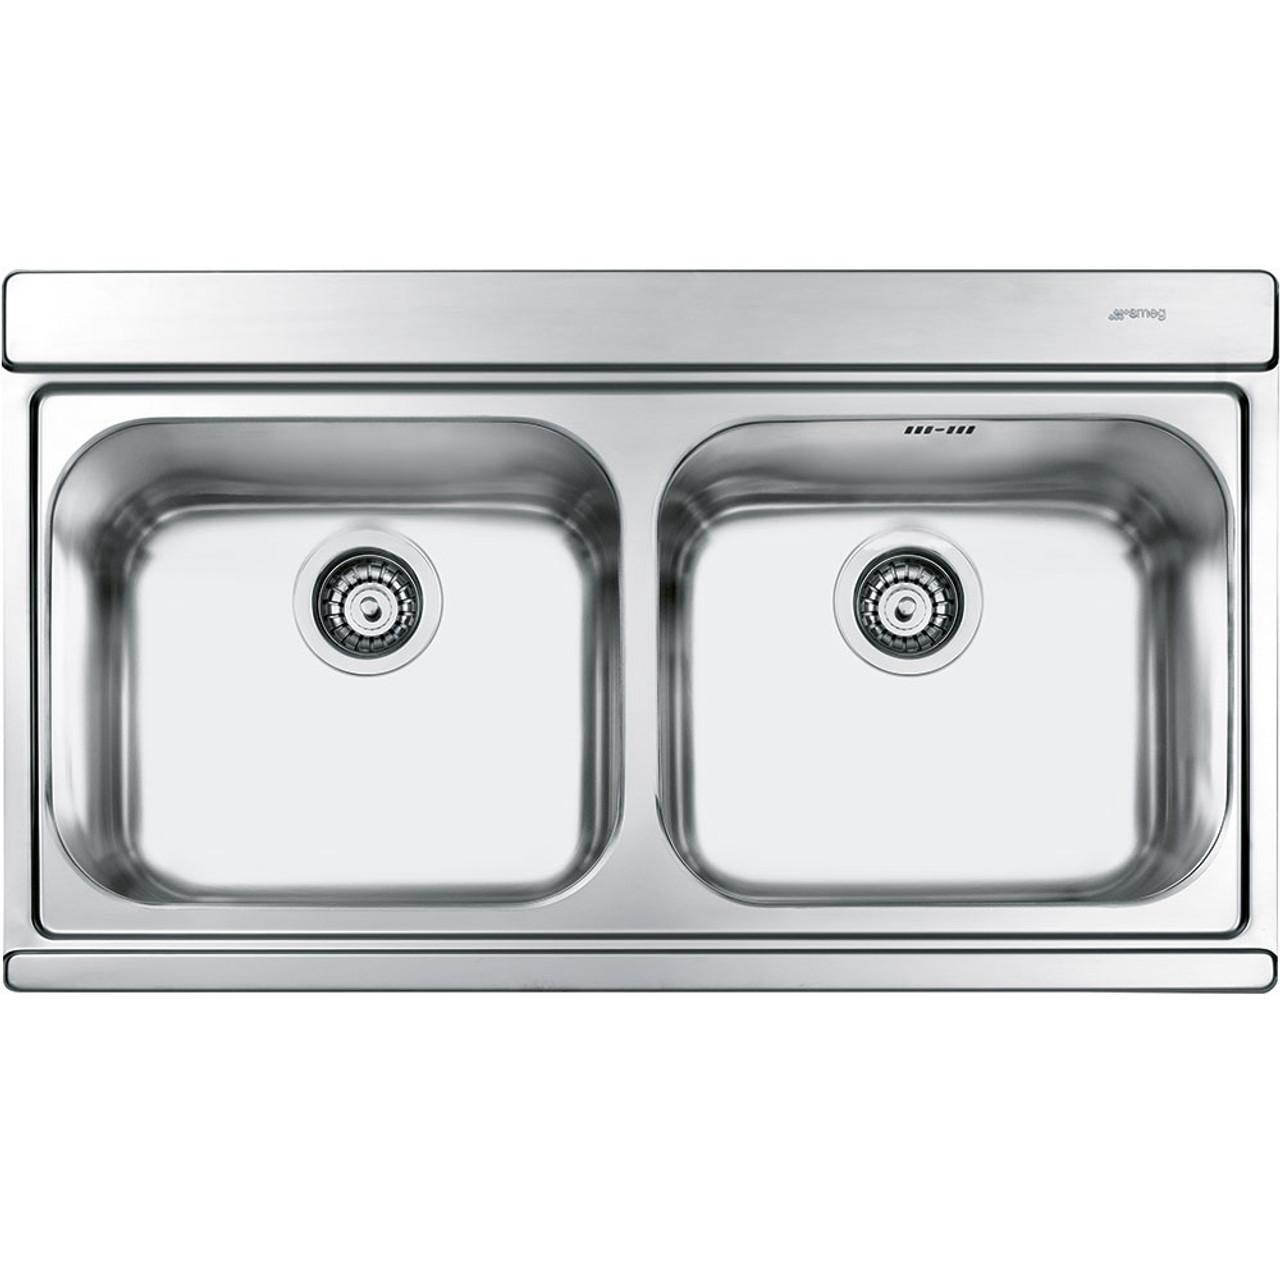 Smeg LI92 Iris Double Bowl Kitchen Sink - Sinks